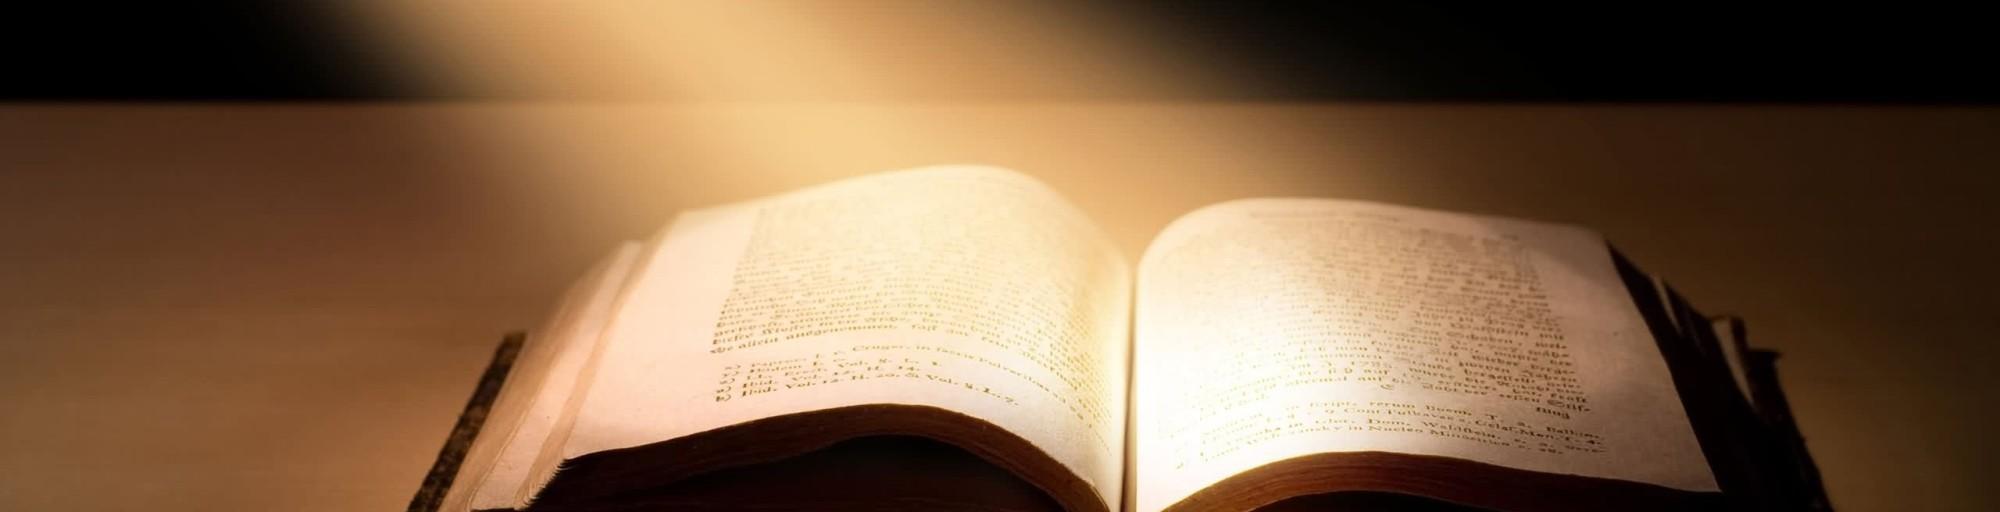 BibleGet I/O